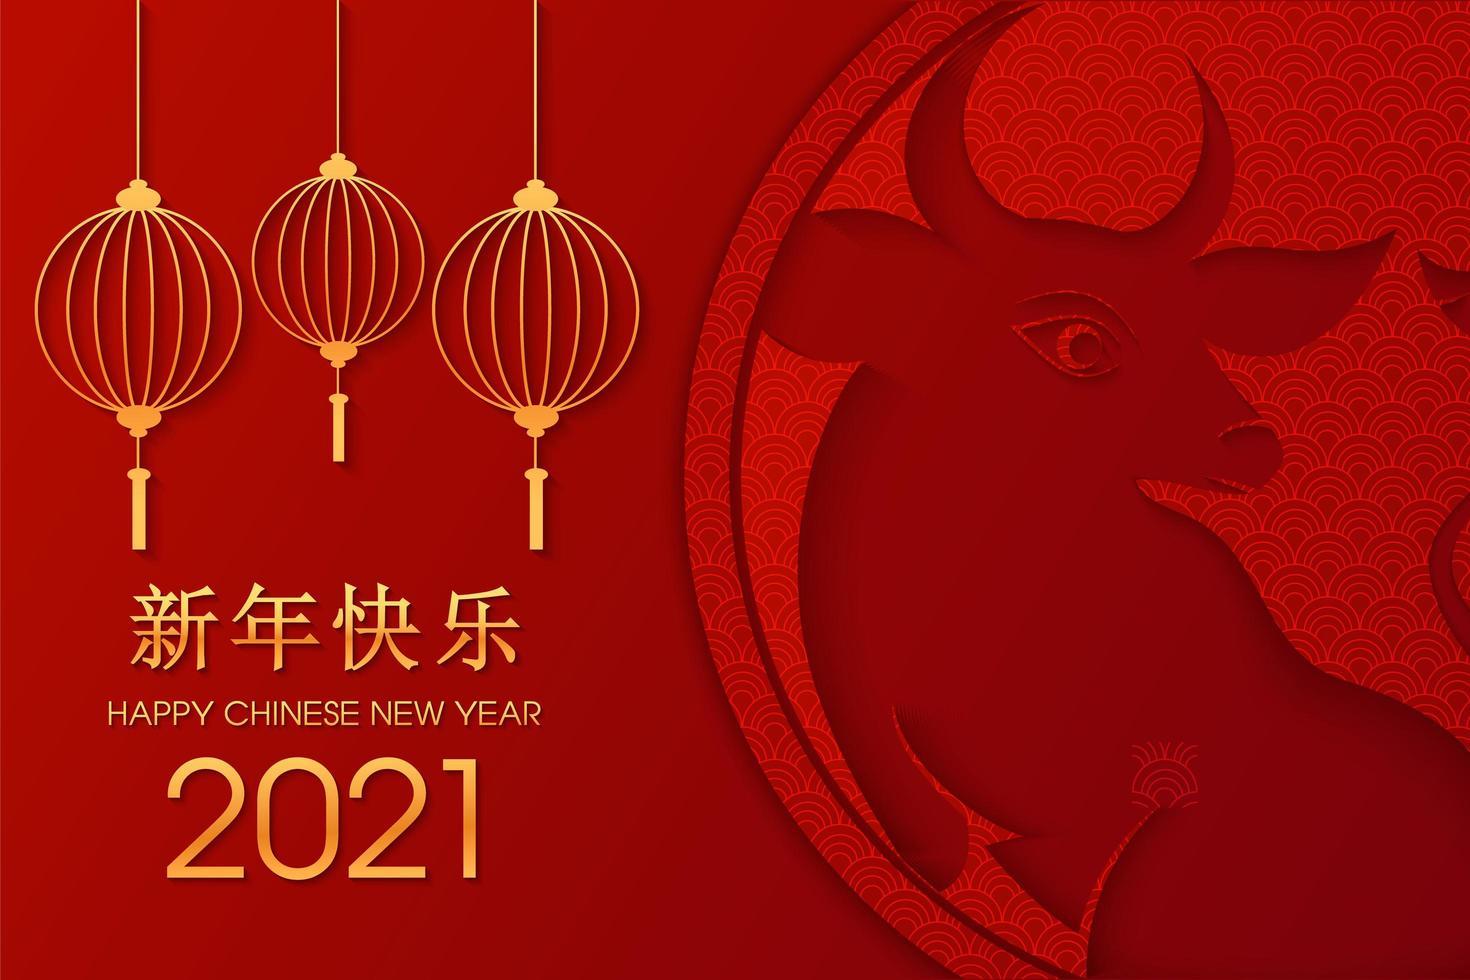 nouvel an chinois 2021 année du bœuf vecteur